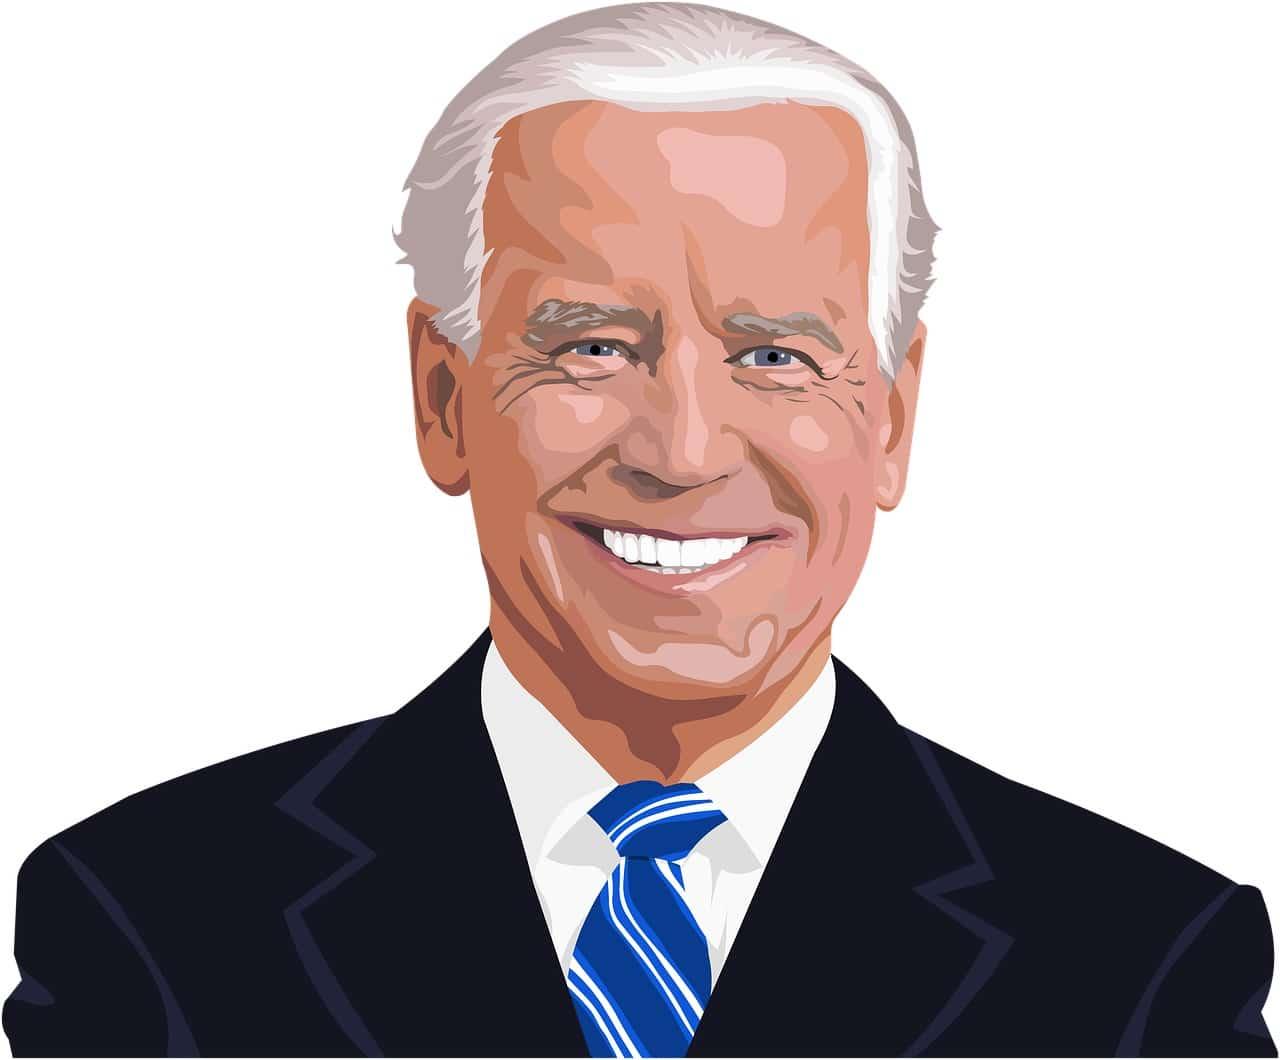 Joe Biden predsednik ZDA